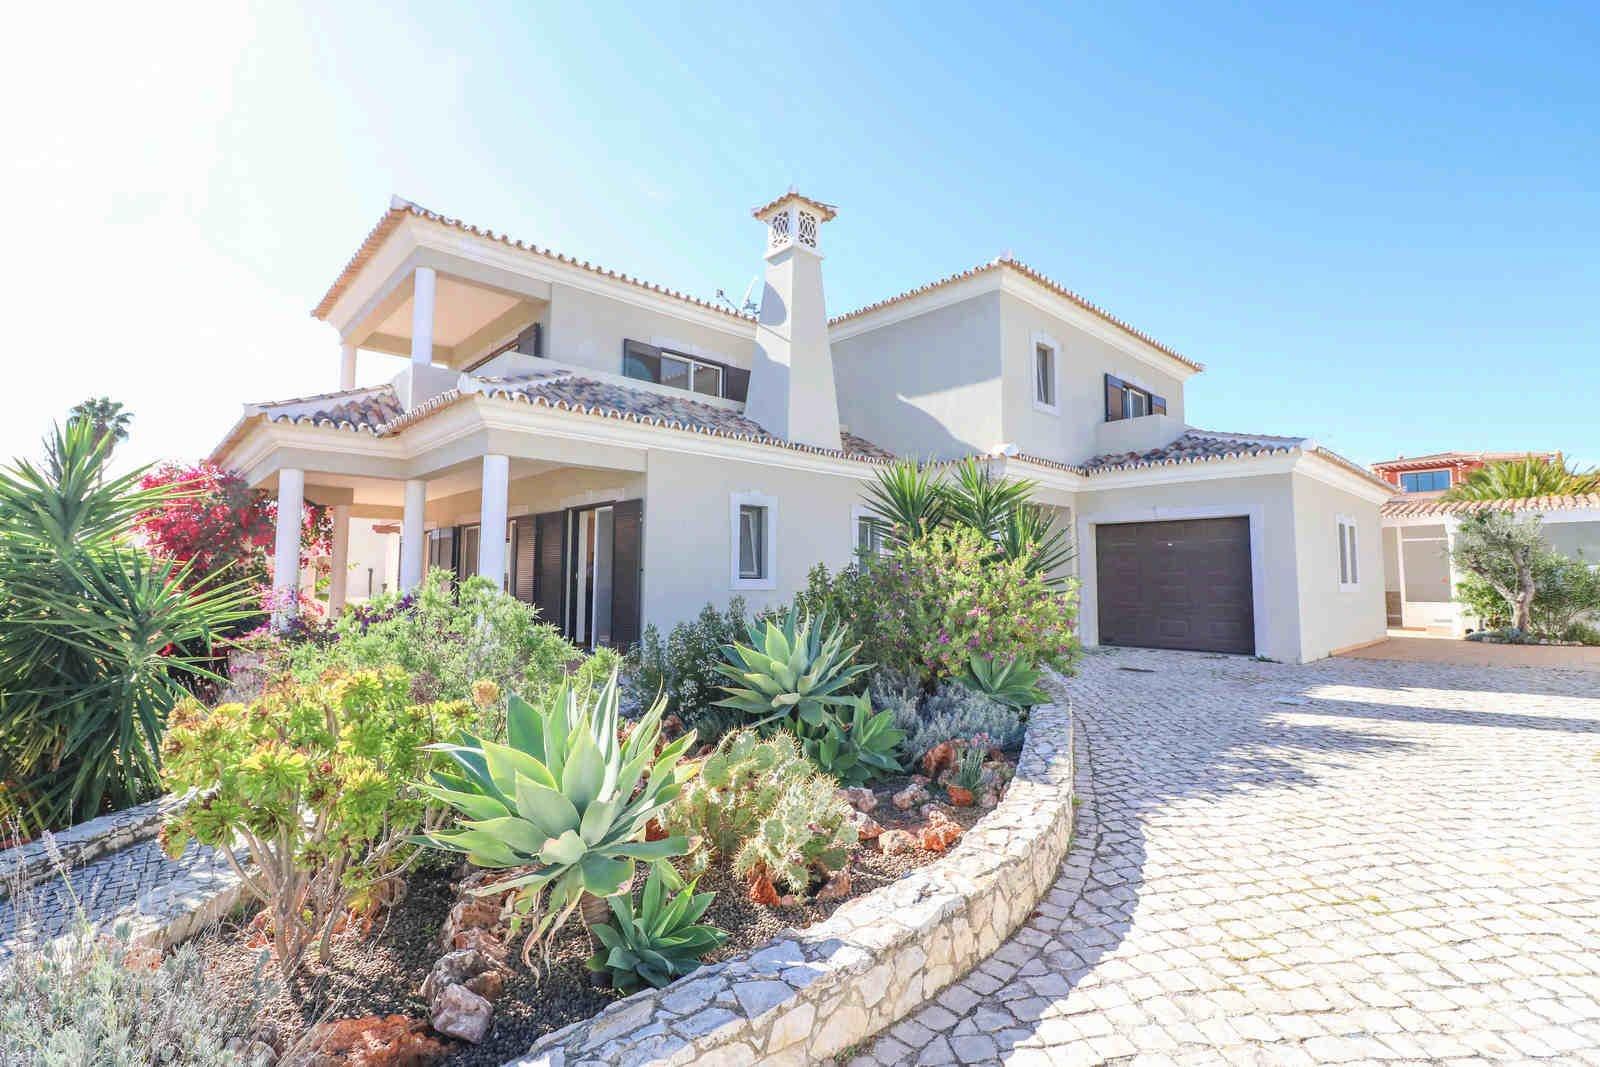 4 Bedroom Villa Loule, Central Algarve Ref: PV3551